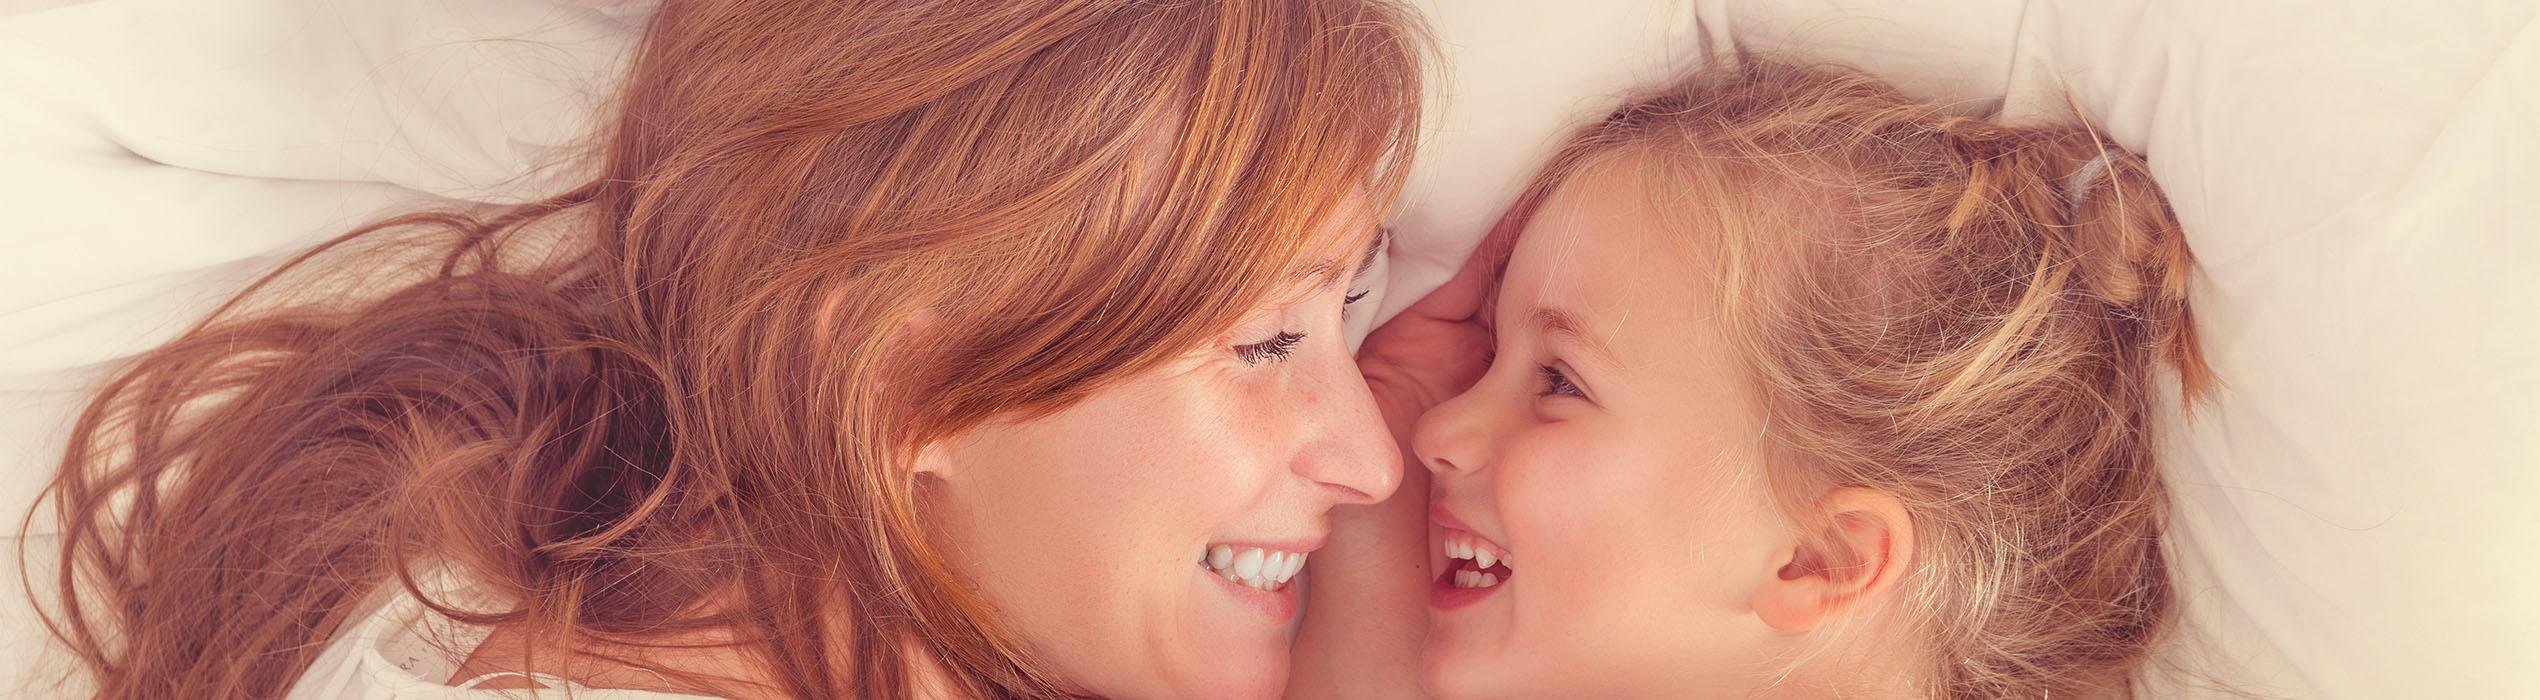 Come affrontare l 39 enuresi notturna nei bambini - Pipi a letto 6 anni ...